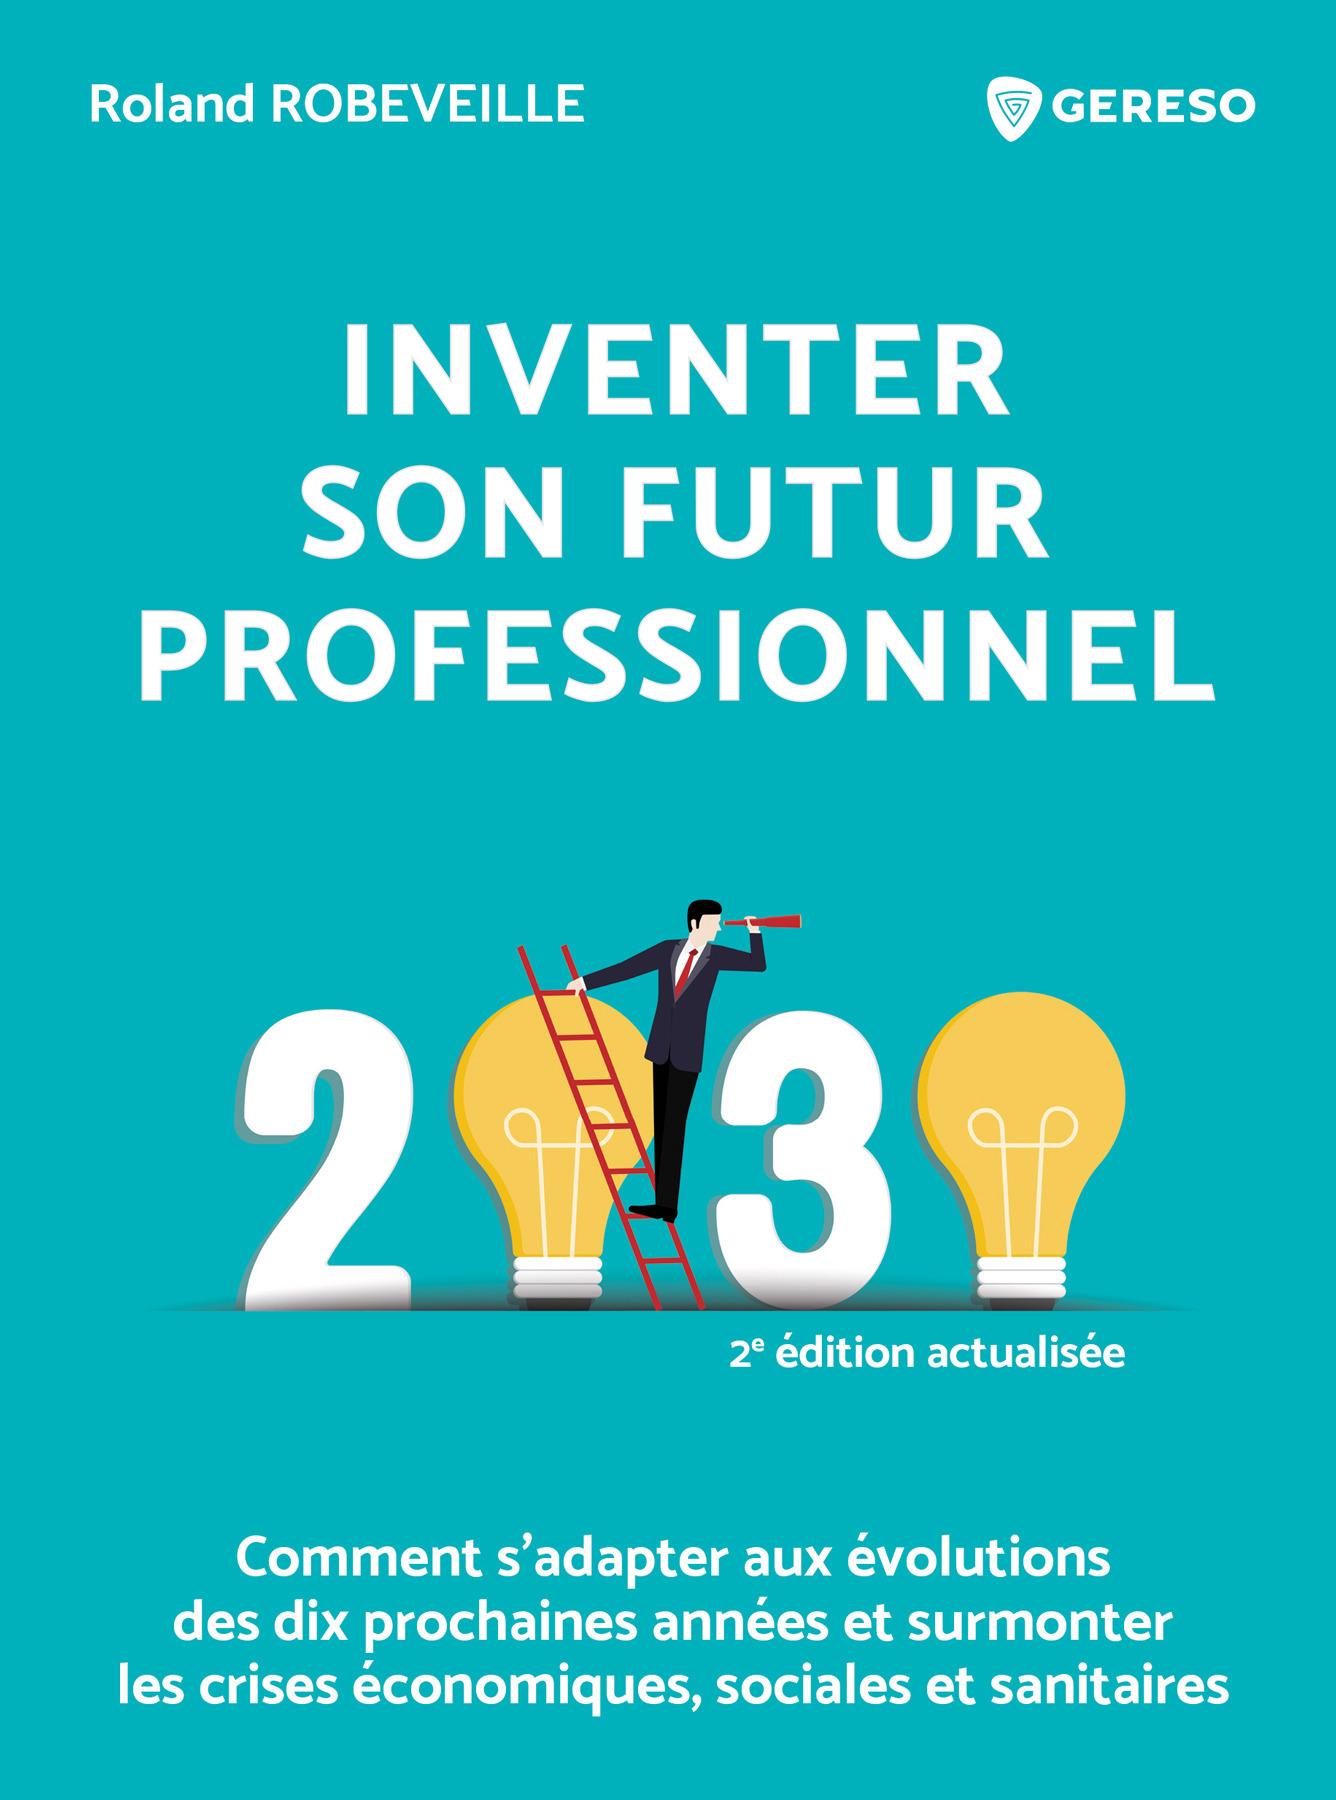 Inventer son futur professionnel ; comment s'adapter aux évolutions des dix prochaines années (2e édition)